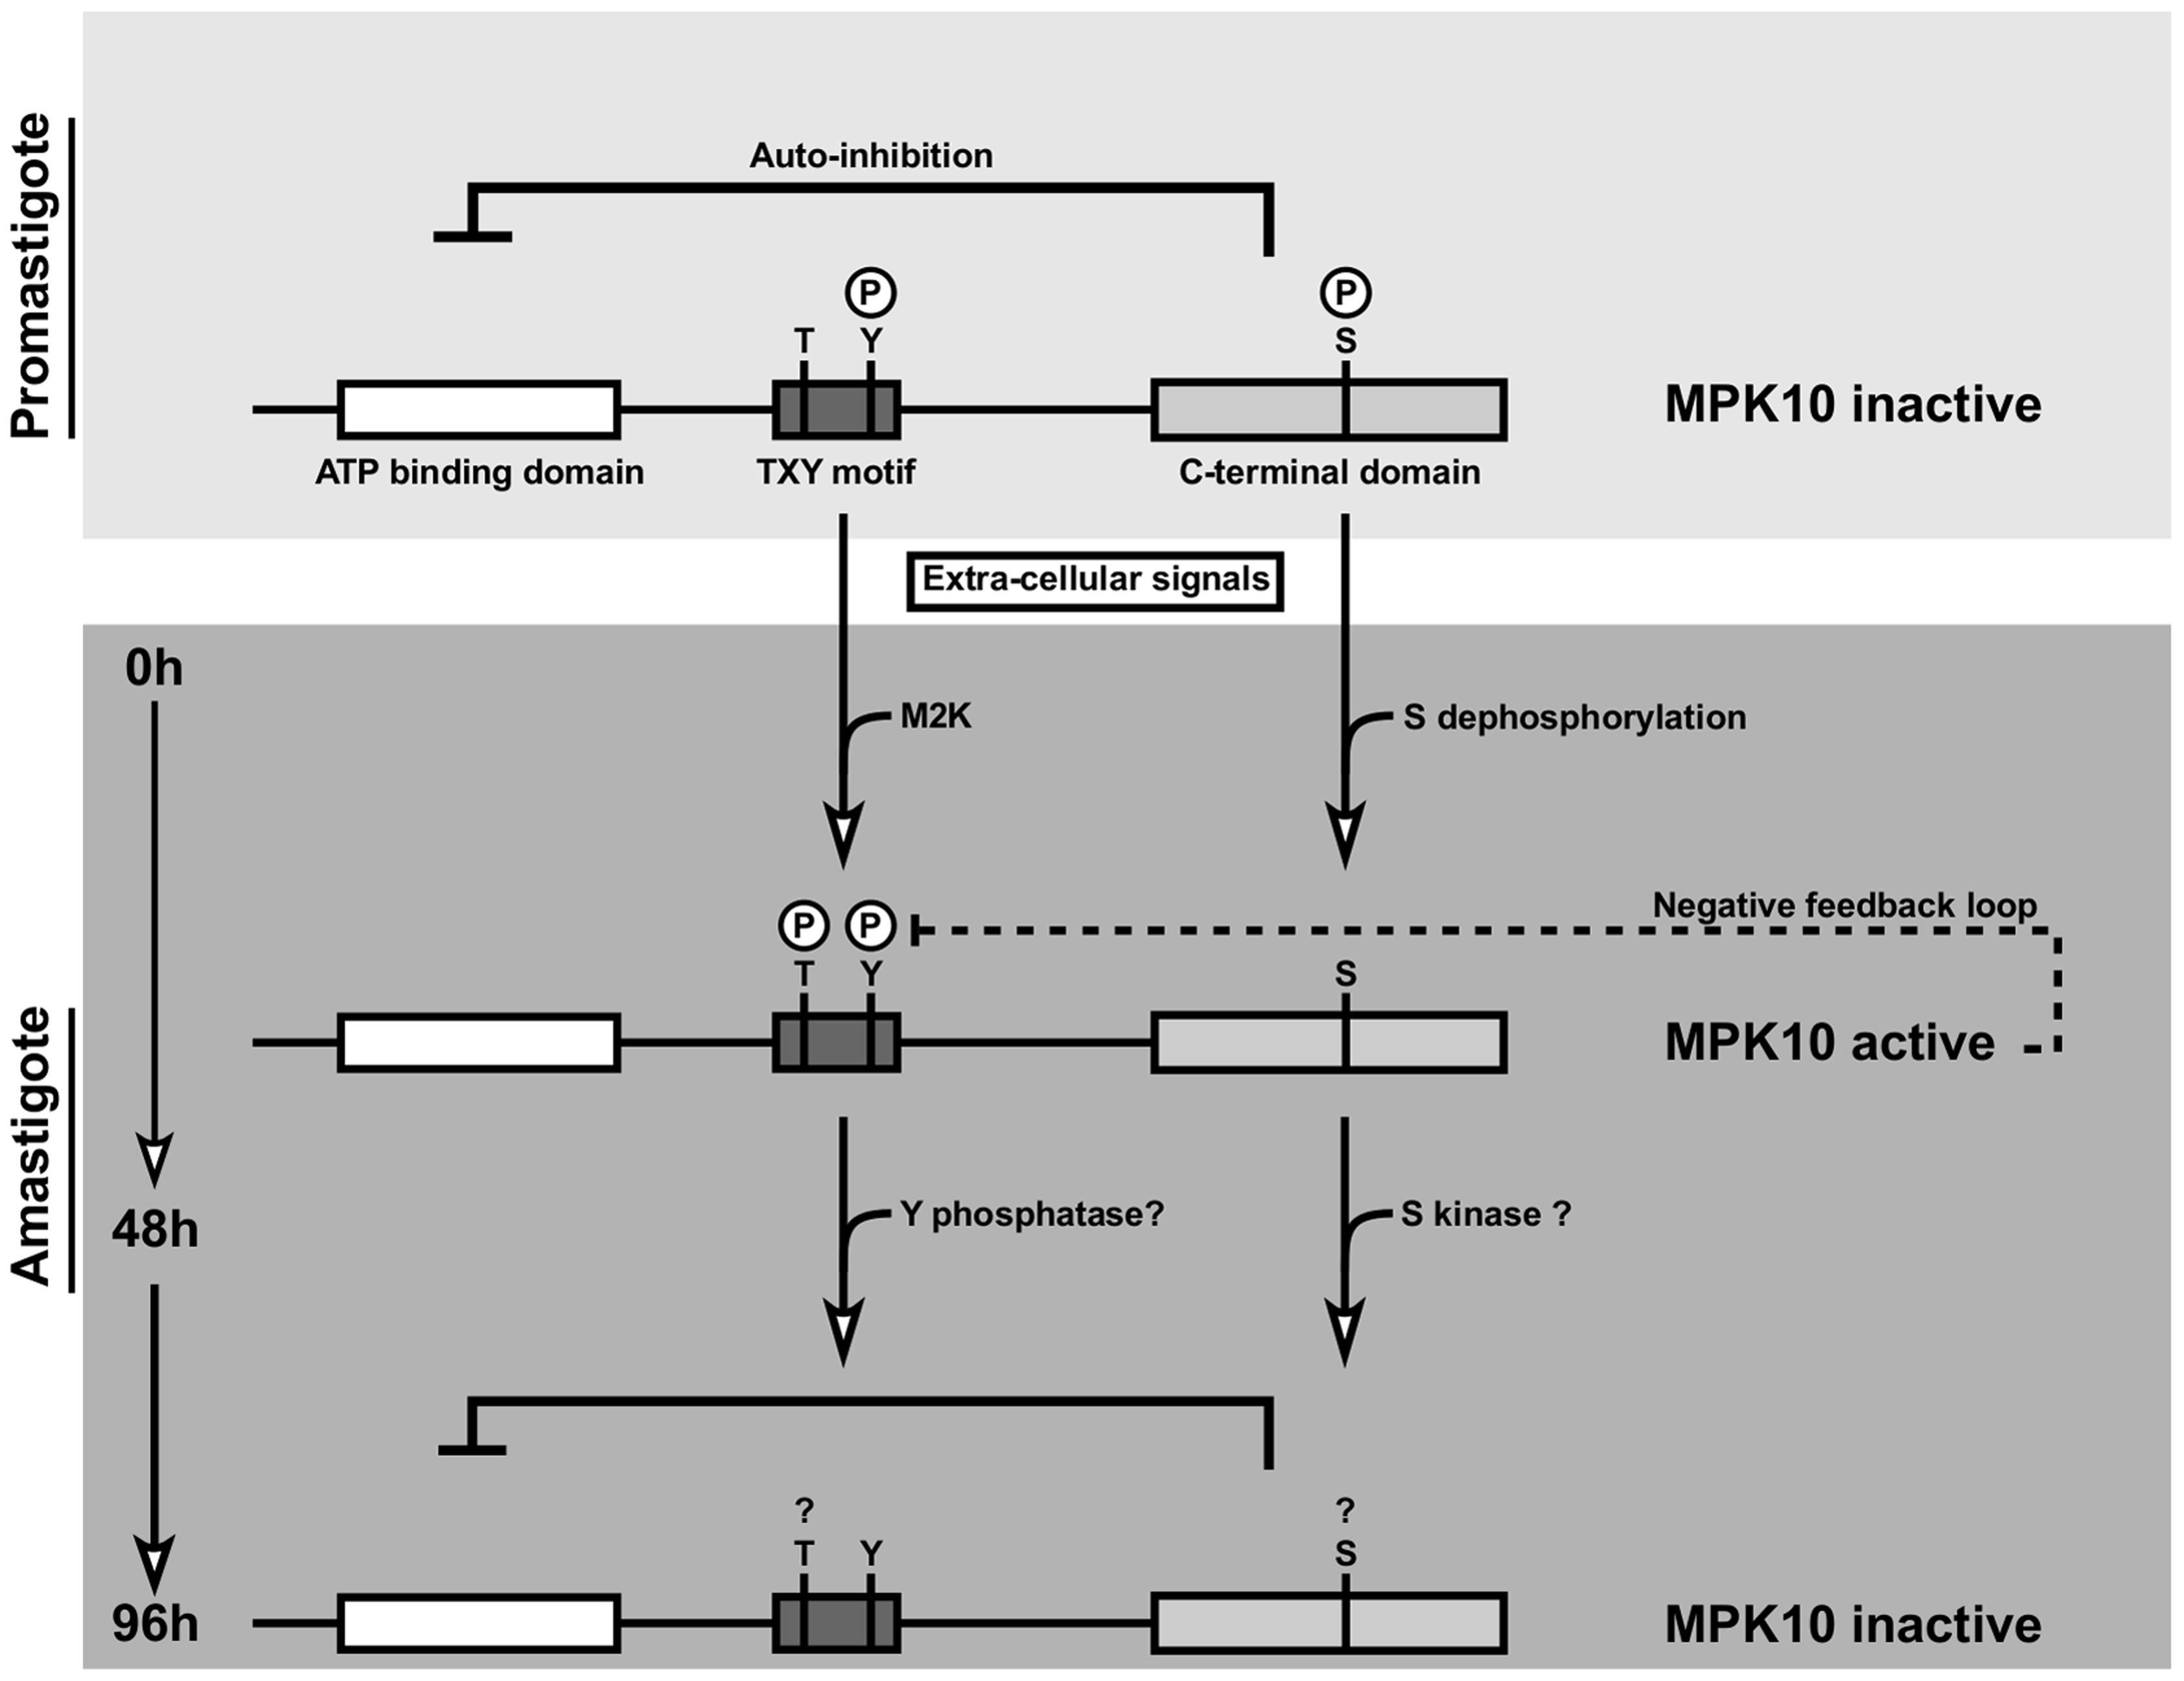 Model of MPK10 regulation based on our data.